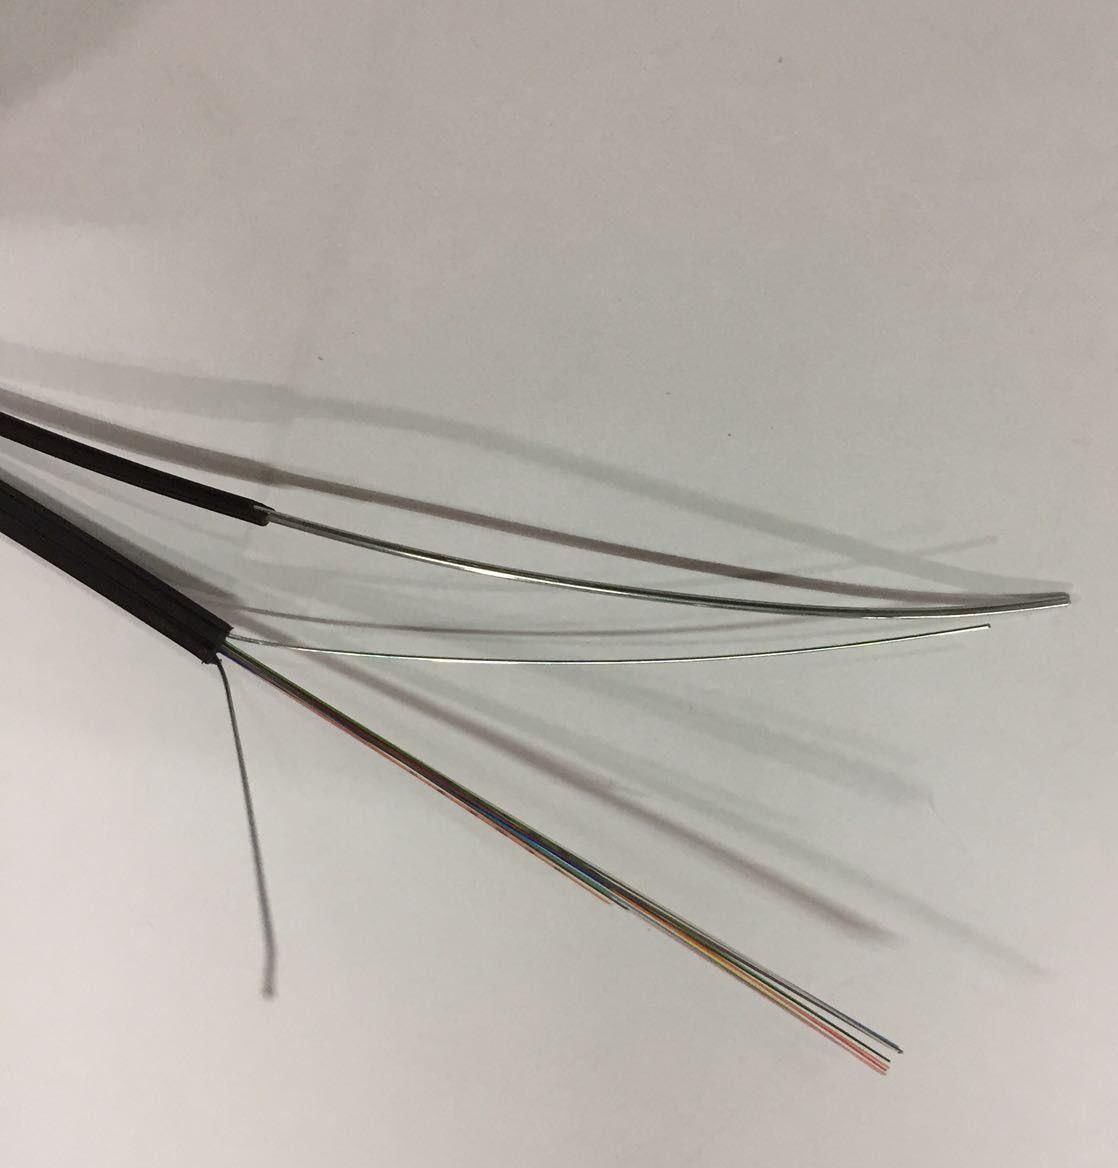 F. Cabo Drop 16 Fibras G657A1 Sm 2Km M.Metal(0.515Cents/Metr